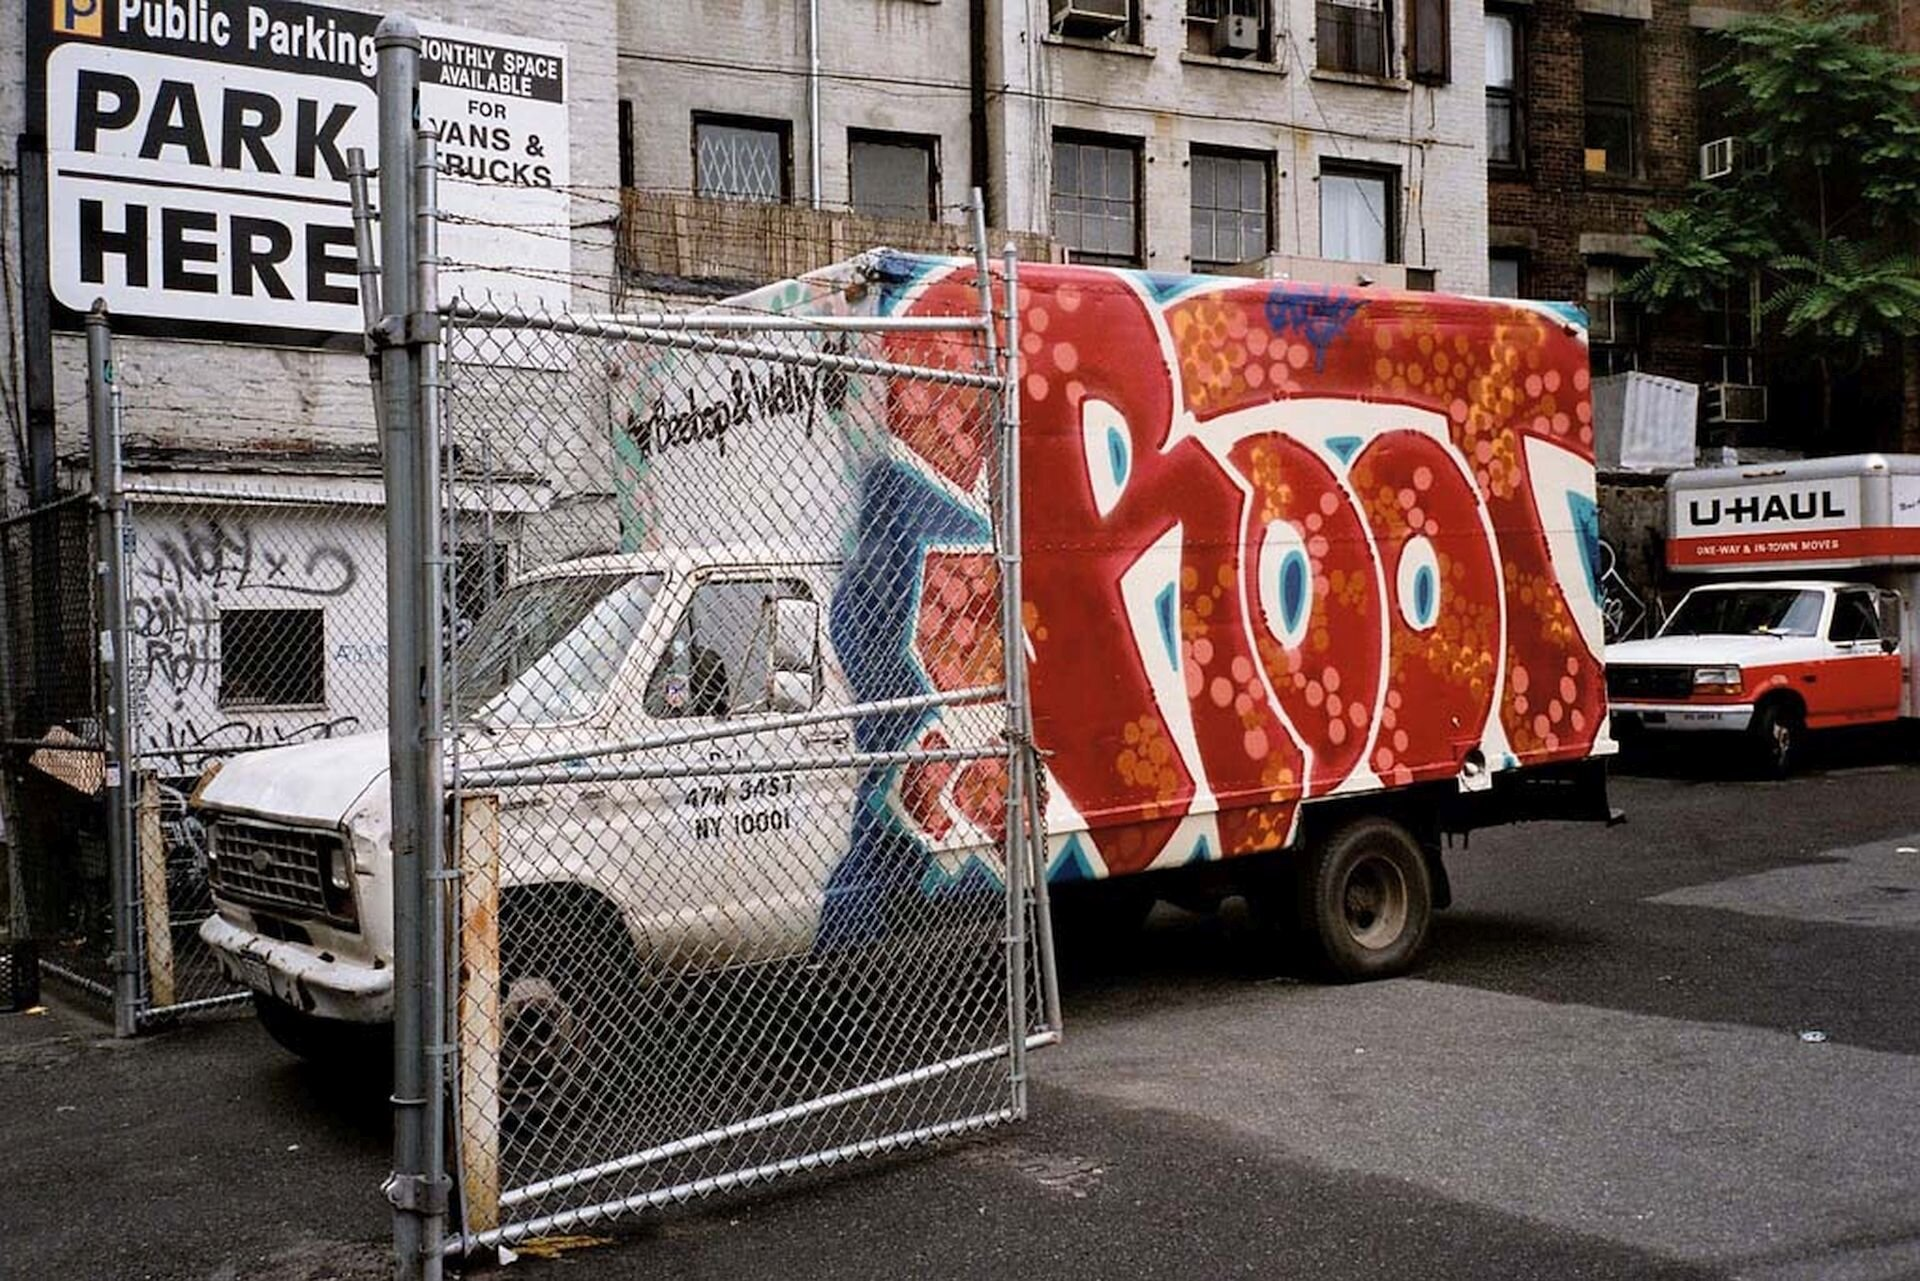 """Ilustracja przedstawia samochód dostawczy zgraffiti na bocznej ścianie. Jest to napis """"Root"""", wykonany wczerwonym kolorze, wróżowe iżółte kropki. Umieszczony jest na niebieskim tle. Na pierwszym planie jest otwarta brama."""